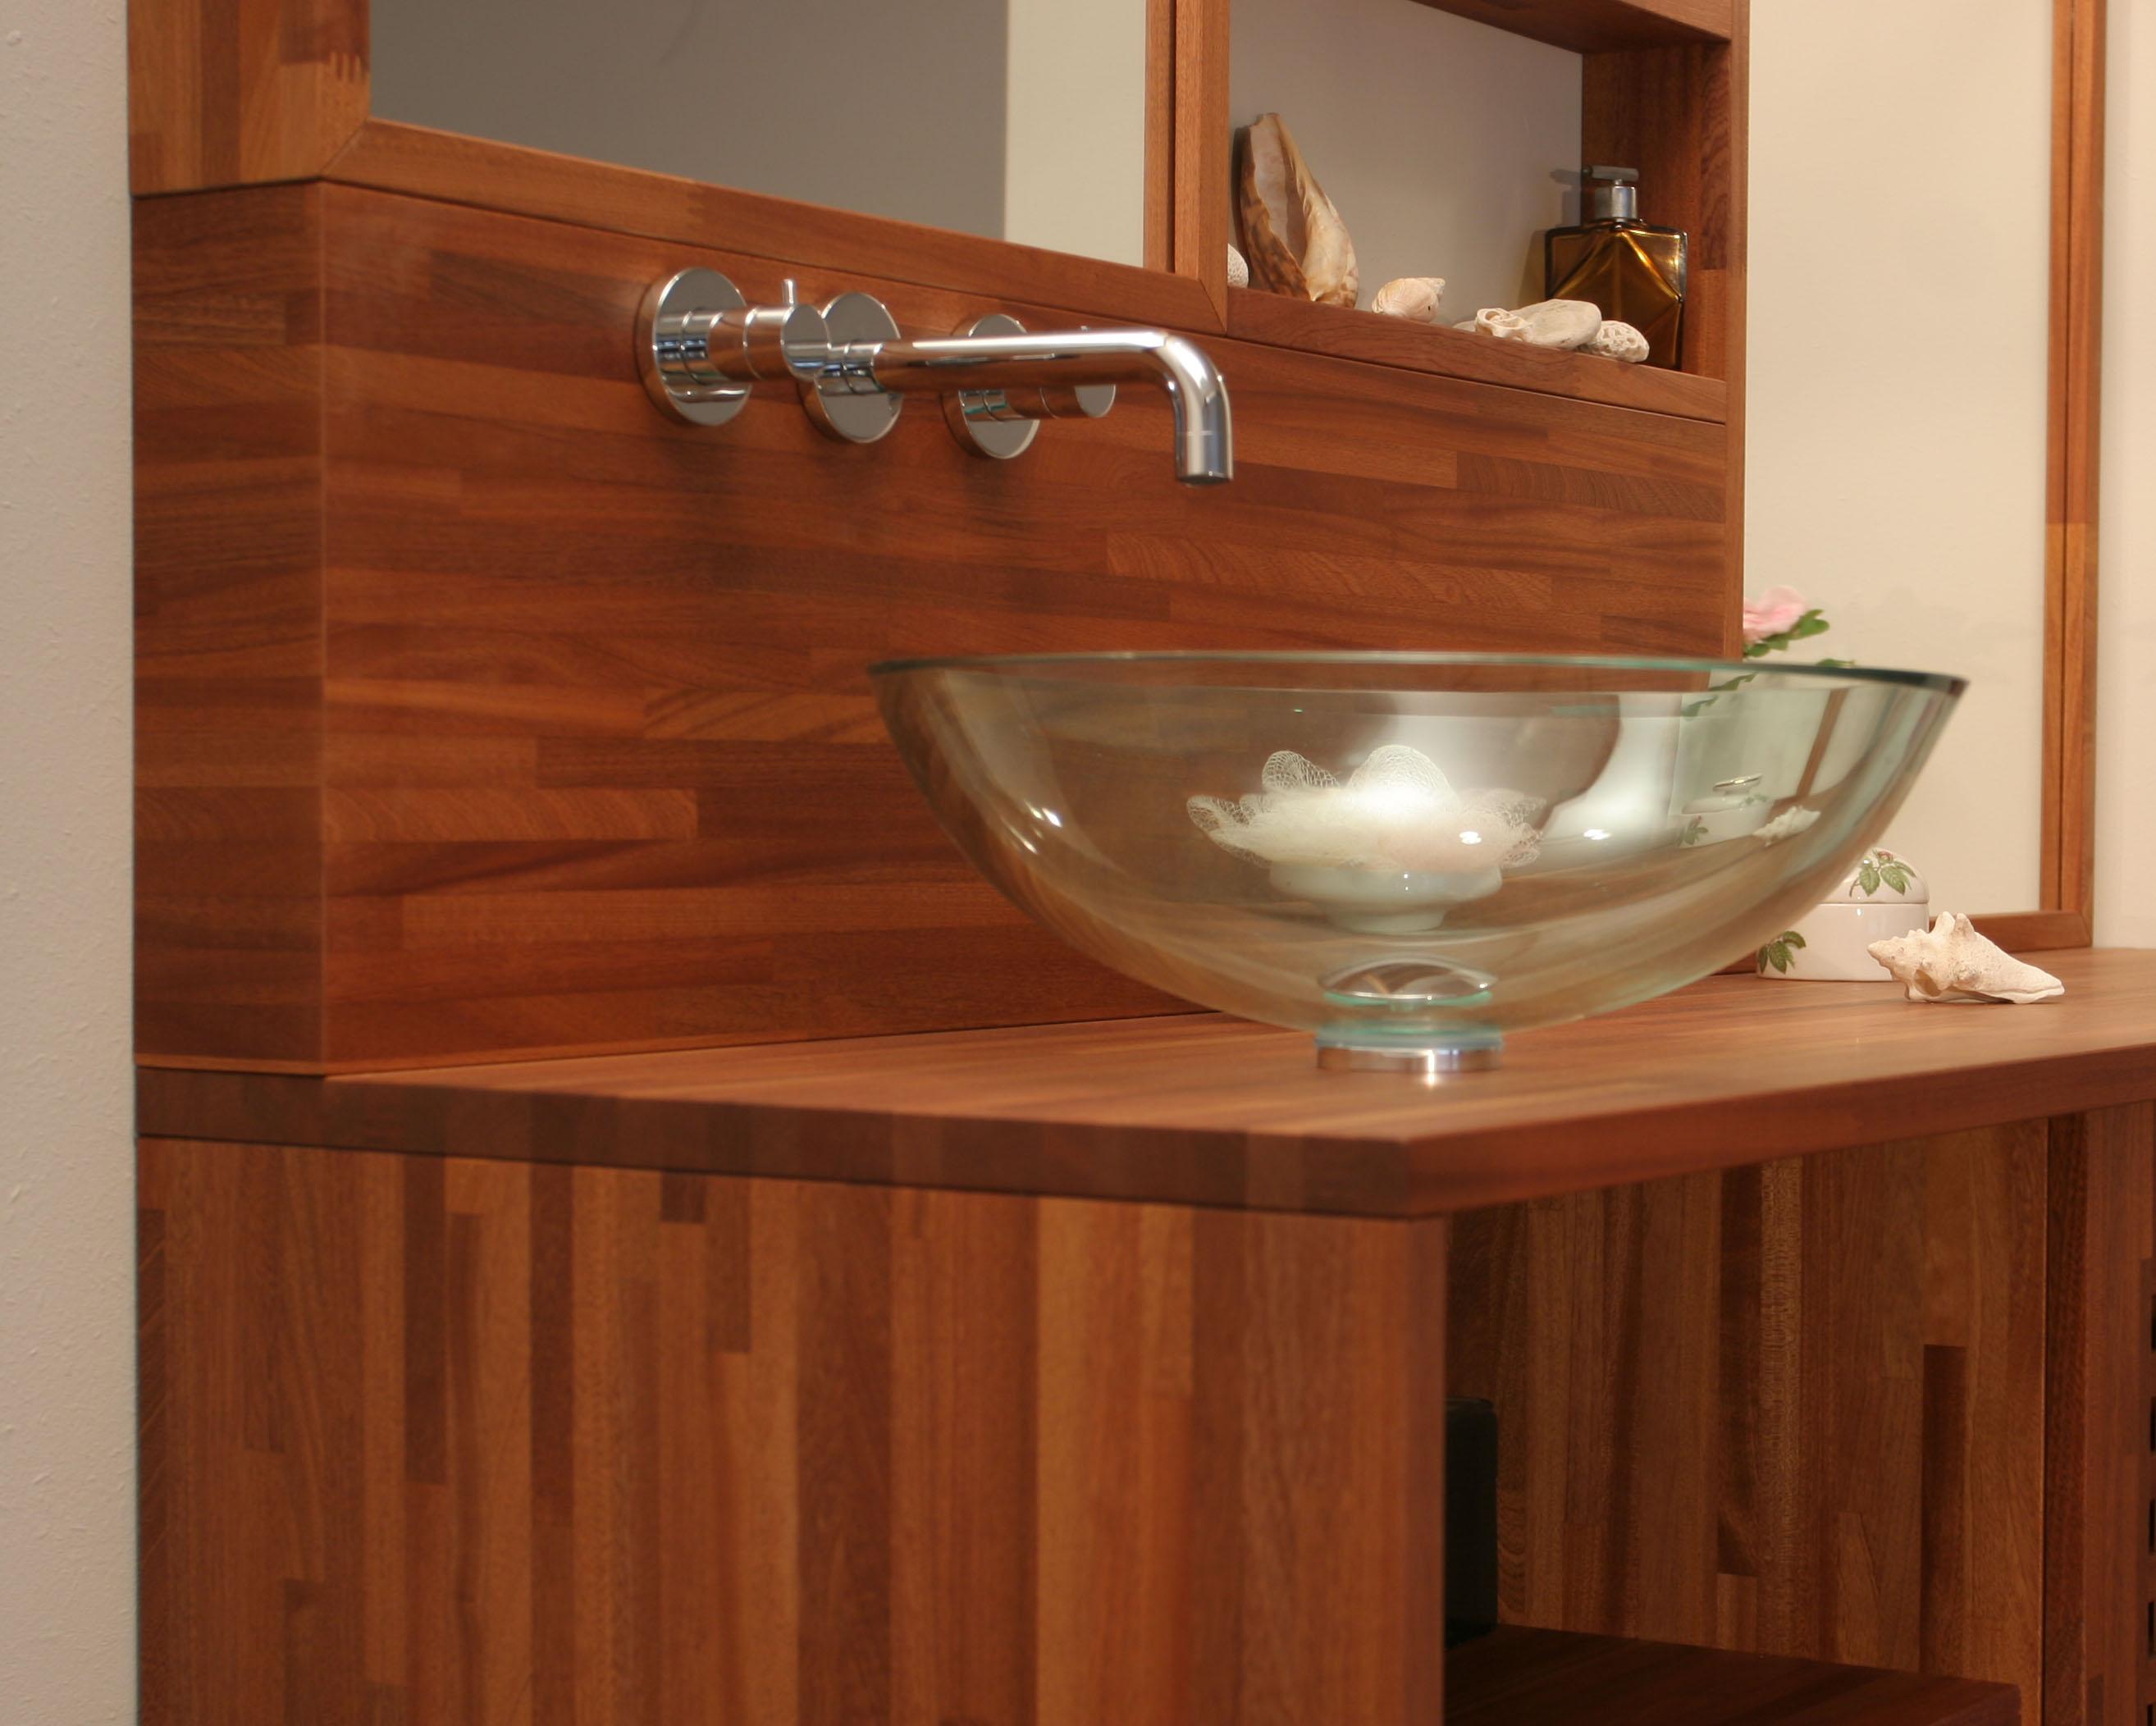 Dosserets cr dences flip design boisflip design bois - Traitement bois salle de bain ...